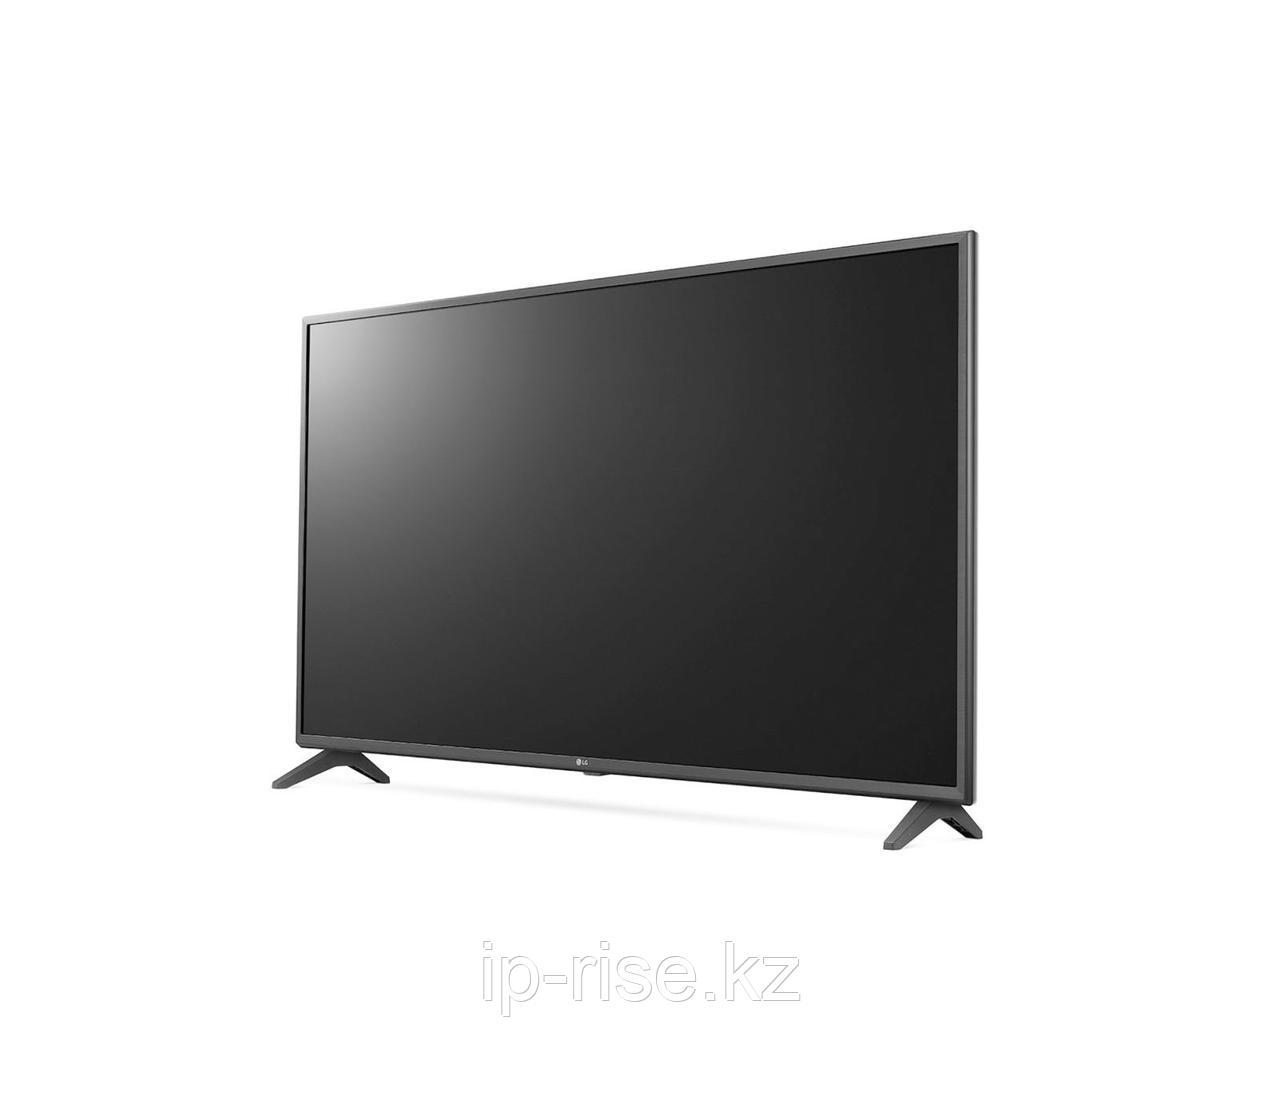 Телевизор LG 43LM5700PLA - фото 2